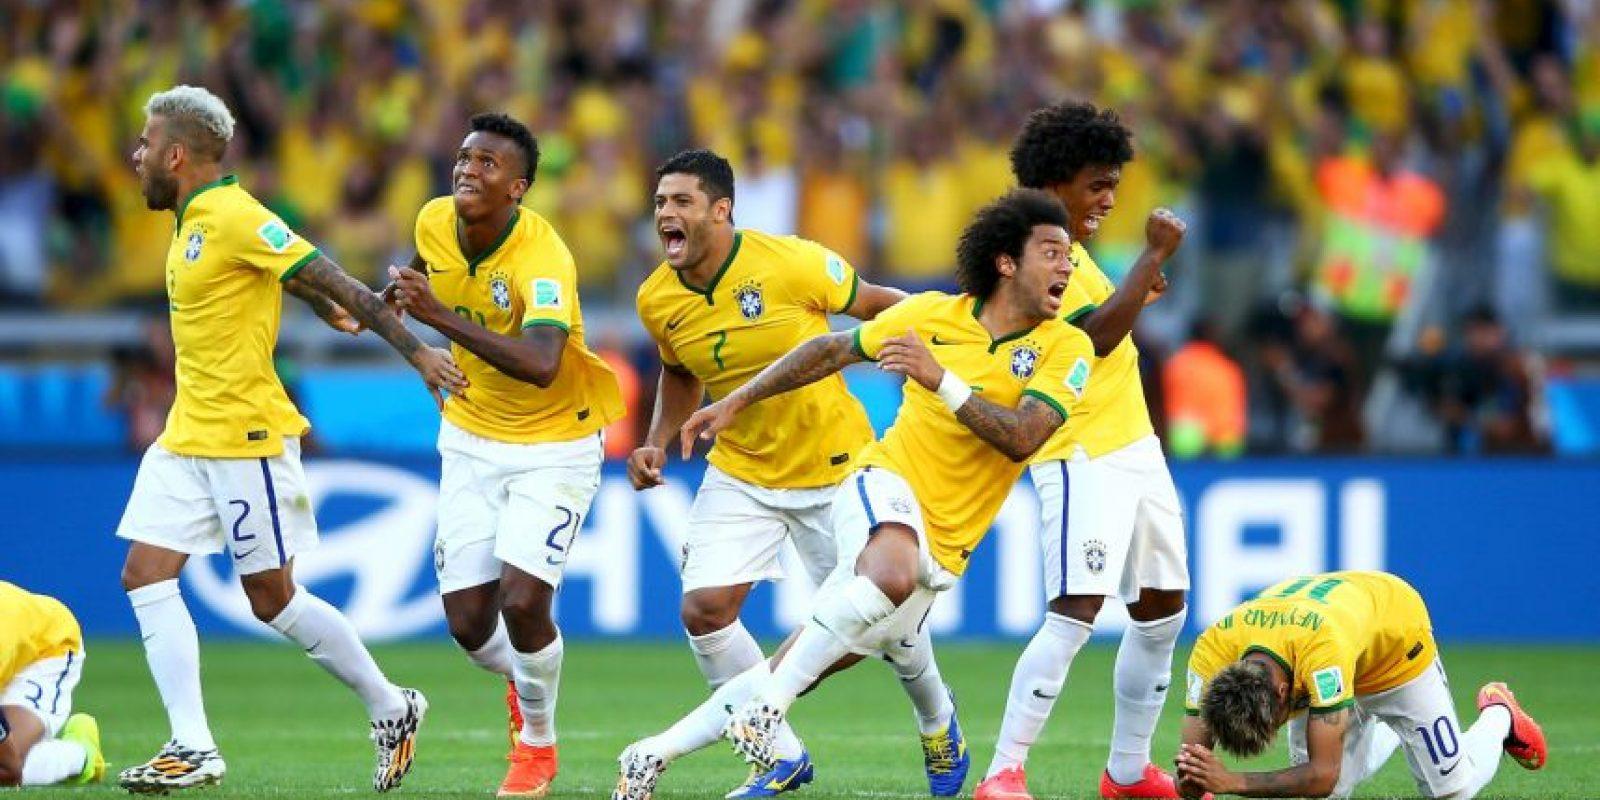 Brasil tampoco ha tenido un buen arranque Foto:Getty Images